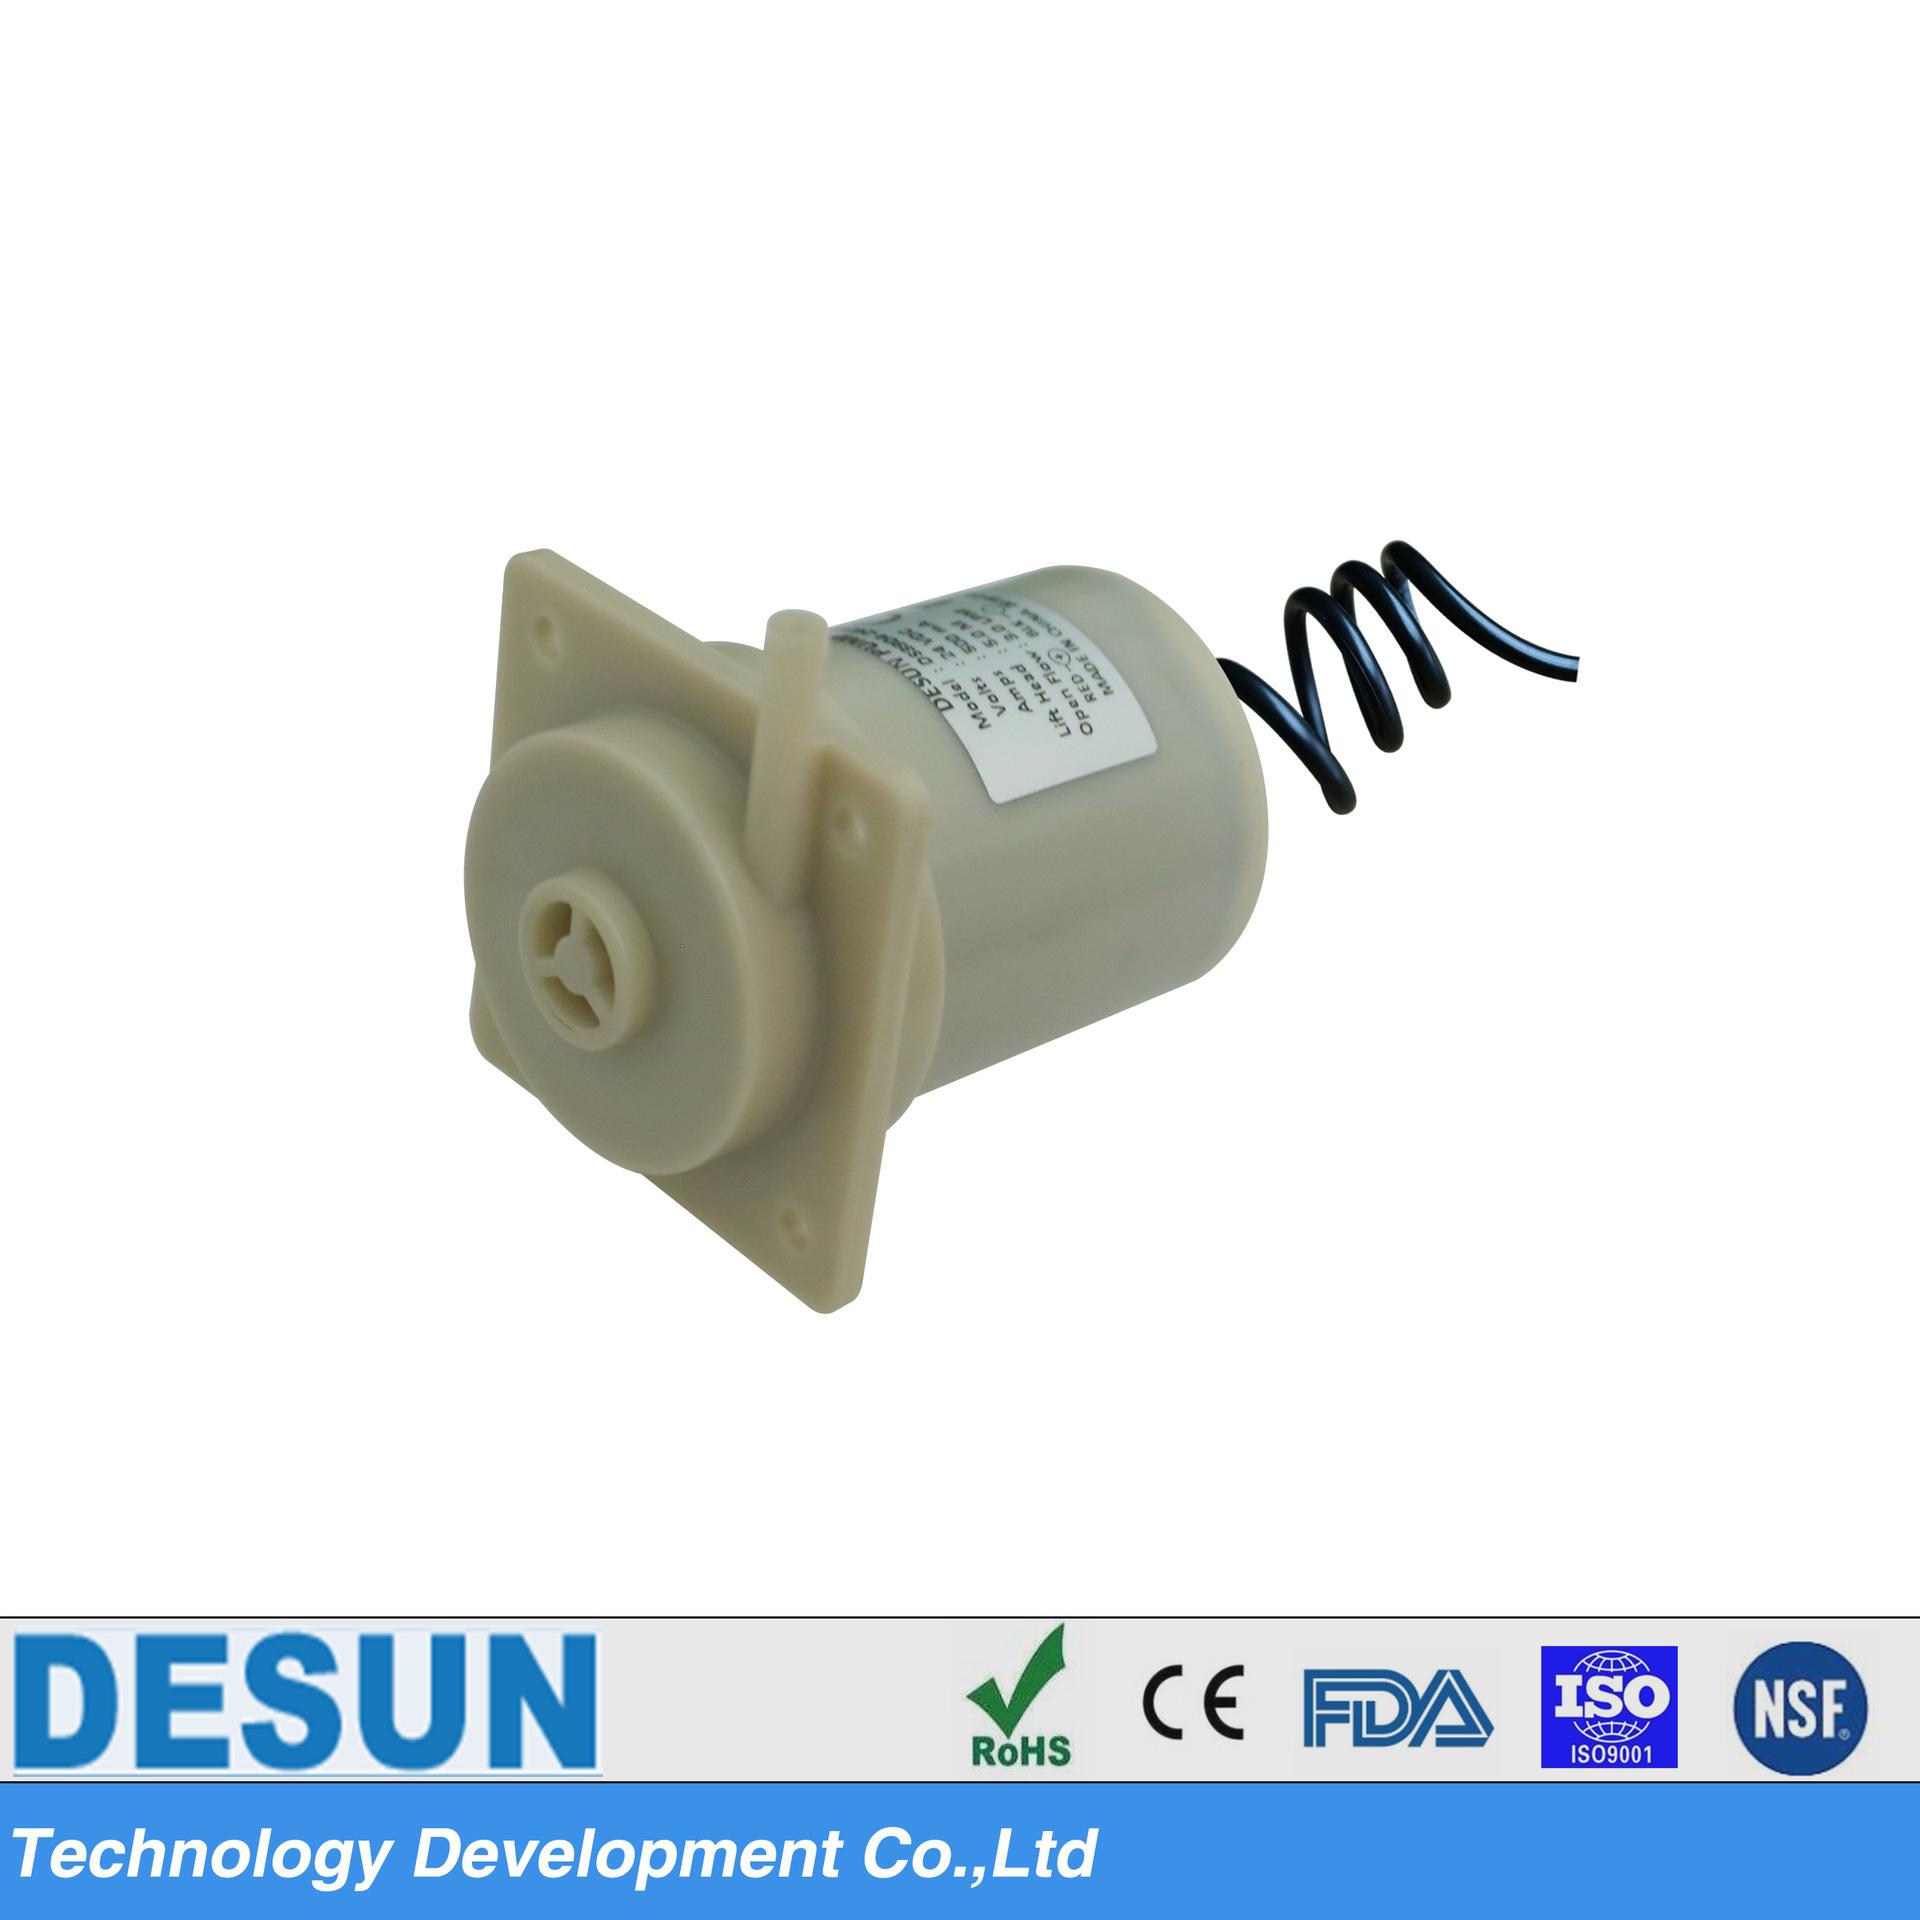 食品级静音微型水泵DS3904NF